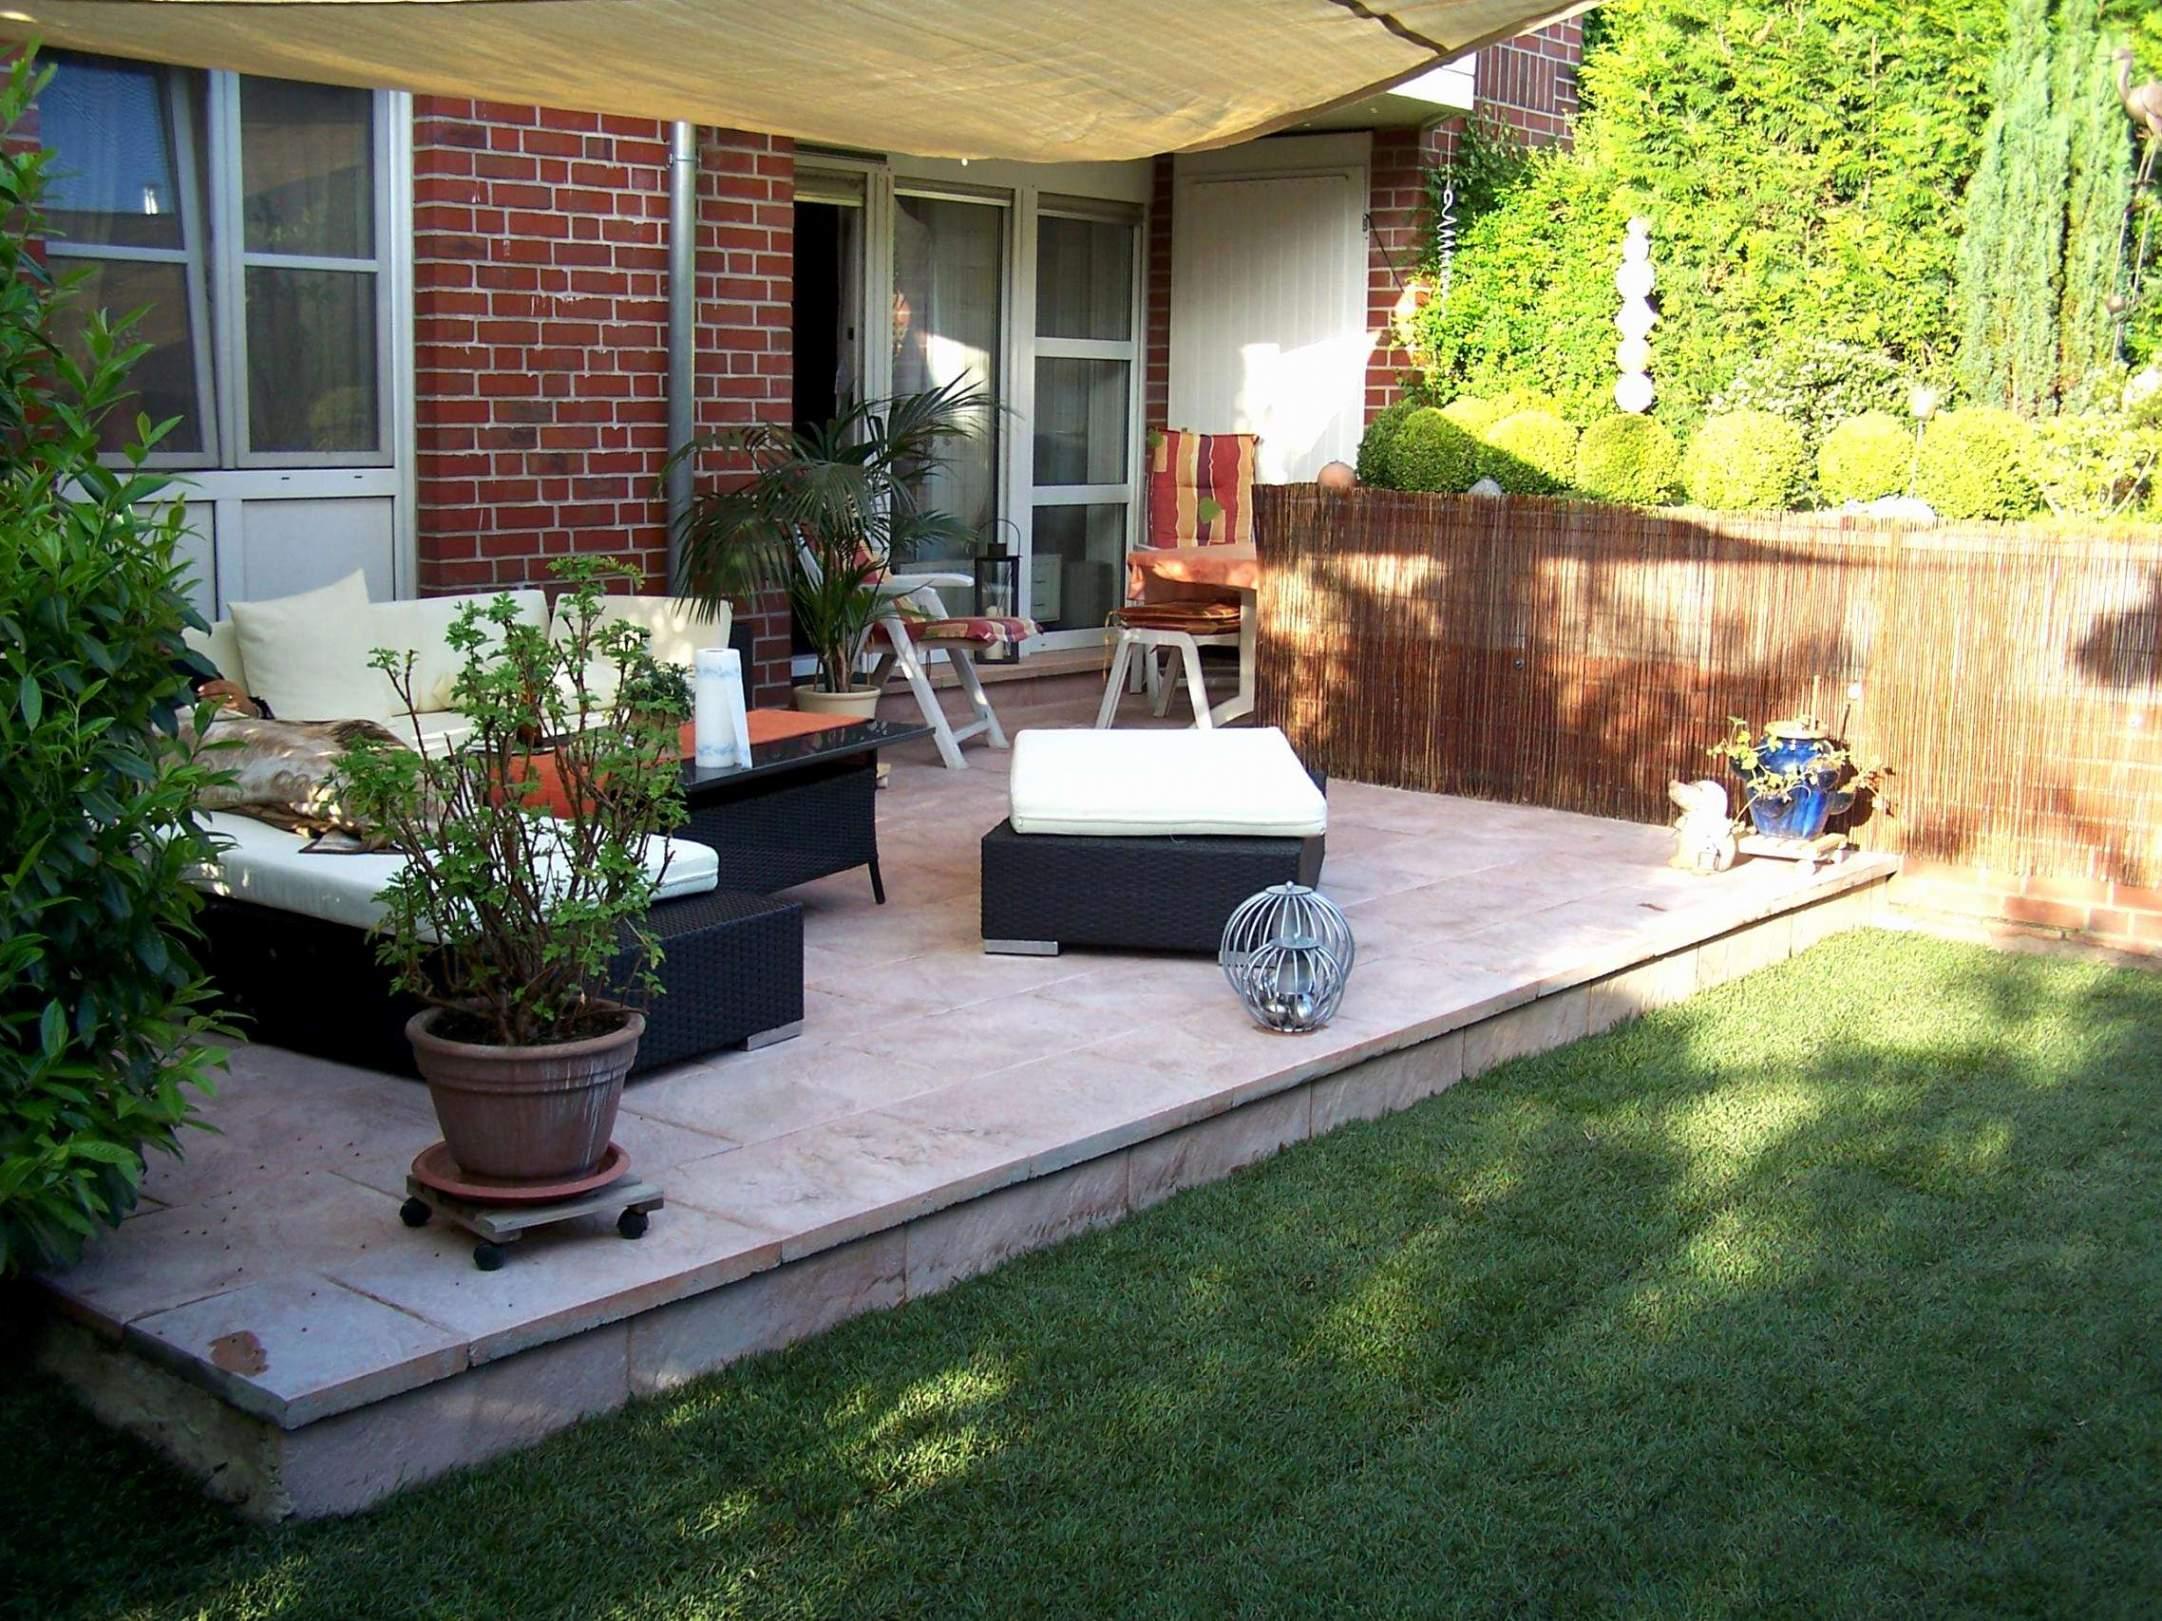 42 frisch terrassen sichtschutz ideen foto sichtschutz terrasse ideen sichtschutz terrasse ideen